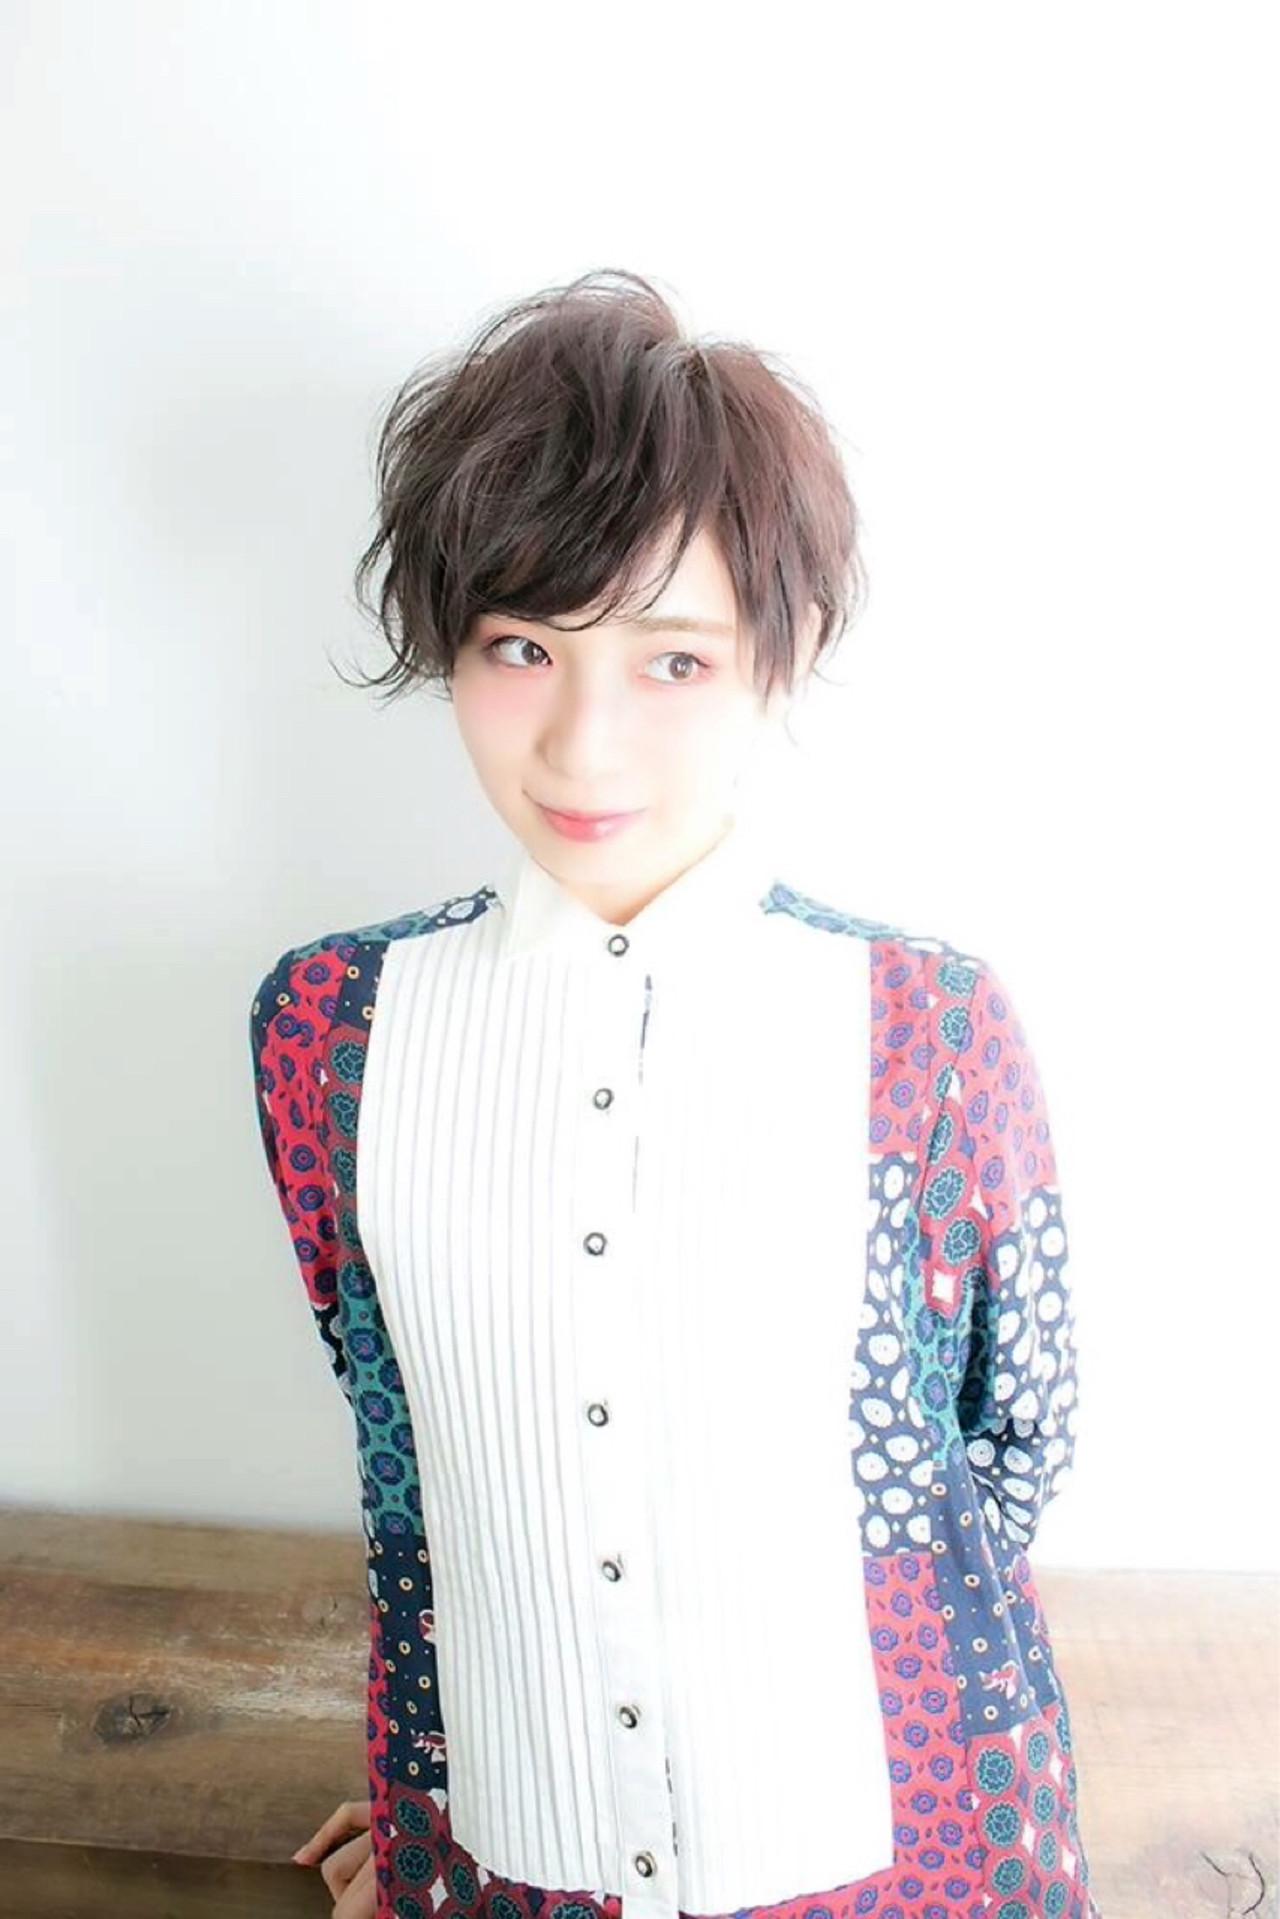 新色で灰白色の透け髪に。2016年春夏は「フレンチカラー」で決まり♪ 清野 晃 / SLAP / Well